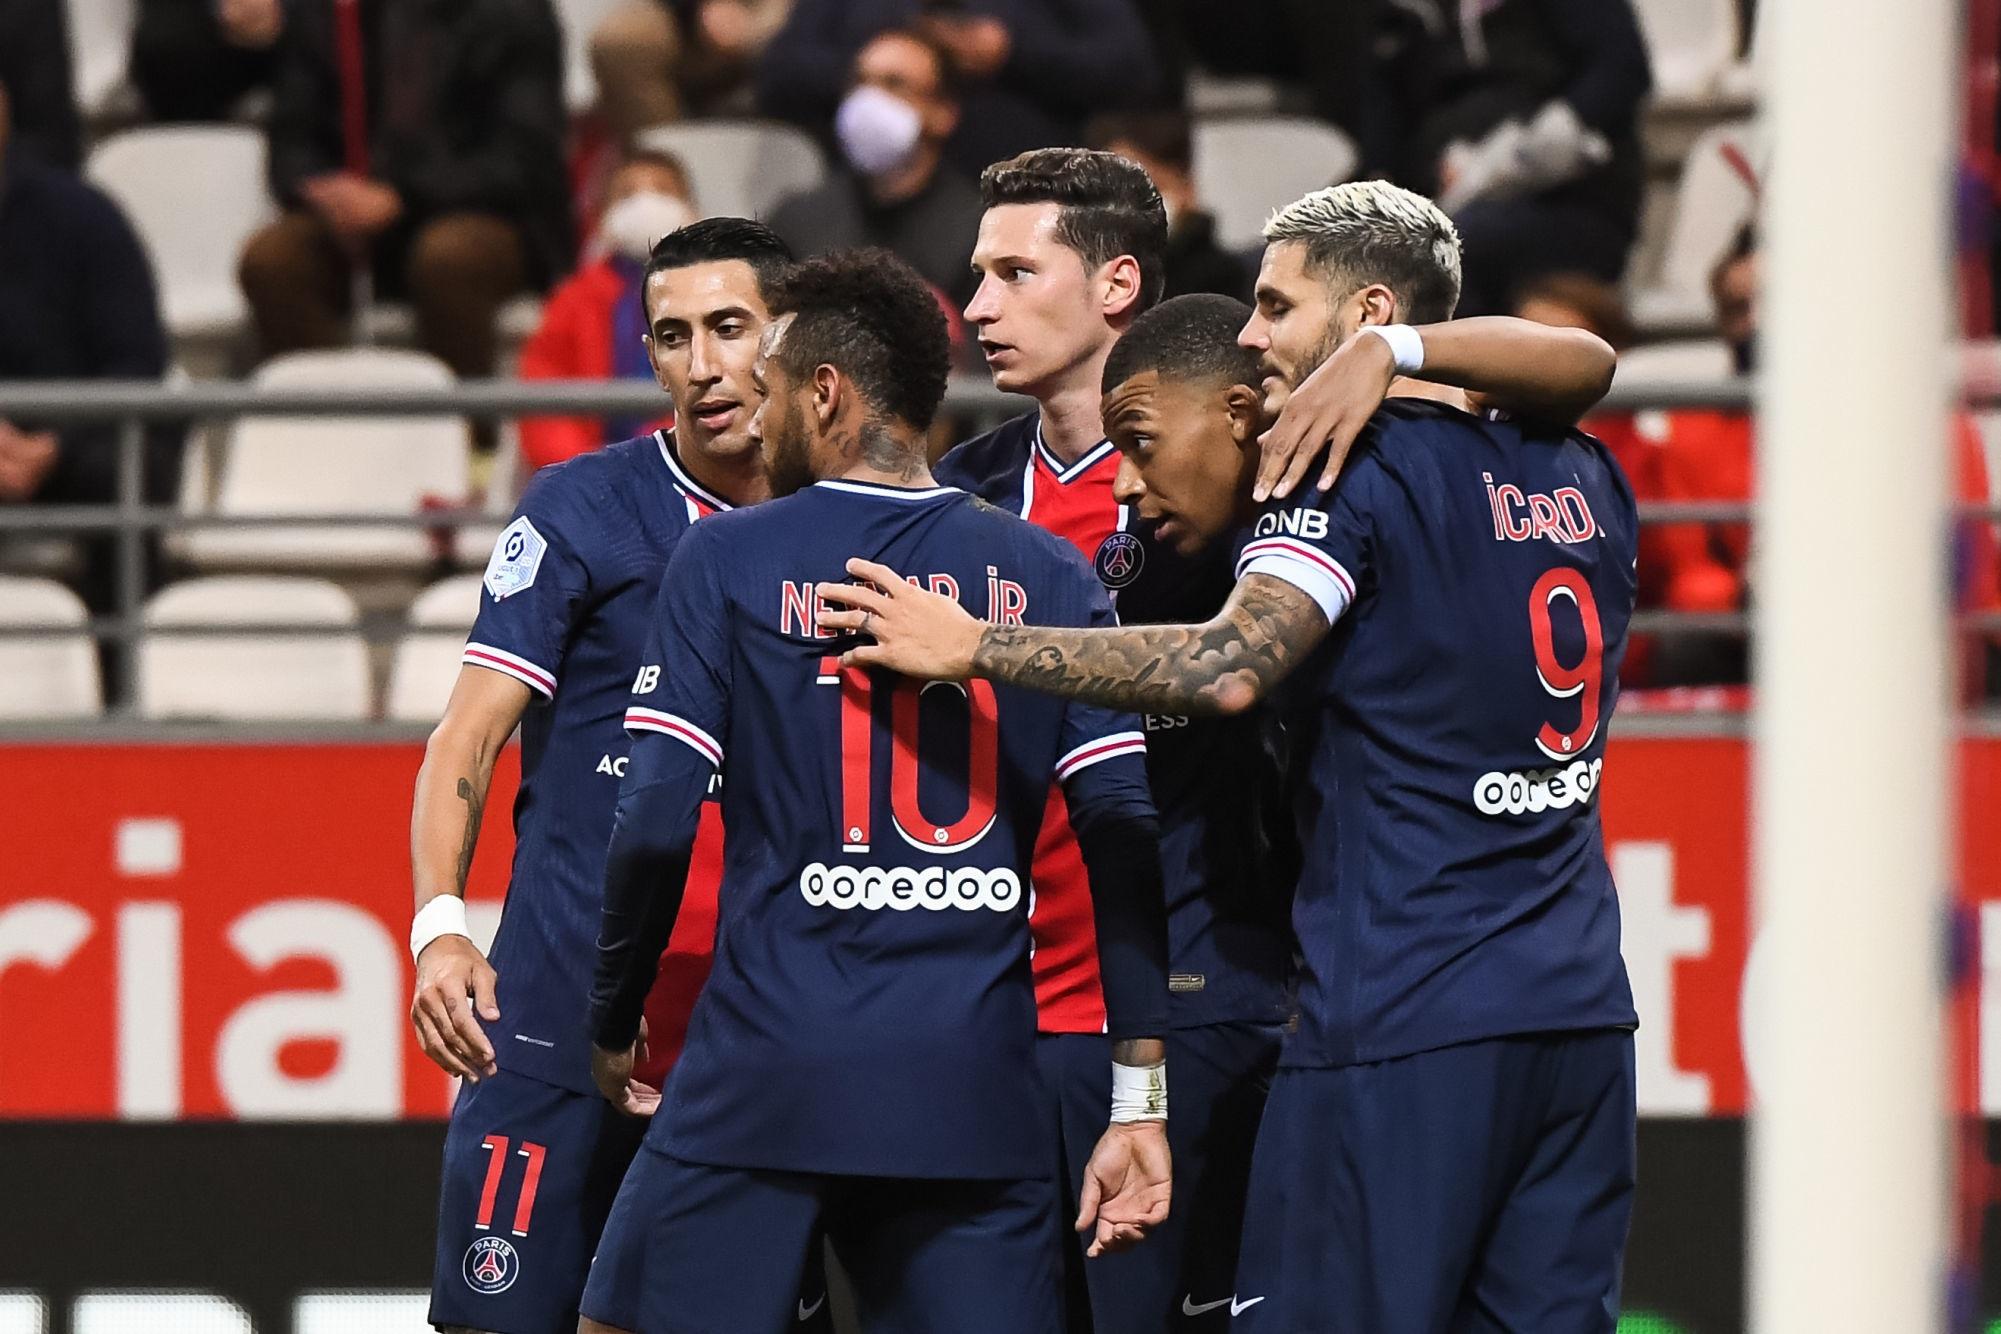 Reims/PSG - Les tops et flops de la victoire parisienne, il manque toujours l'efficacité